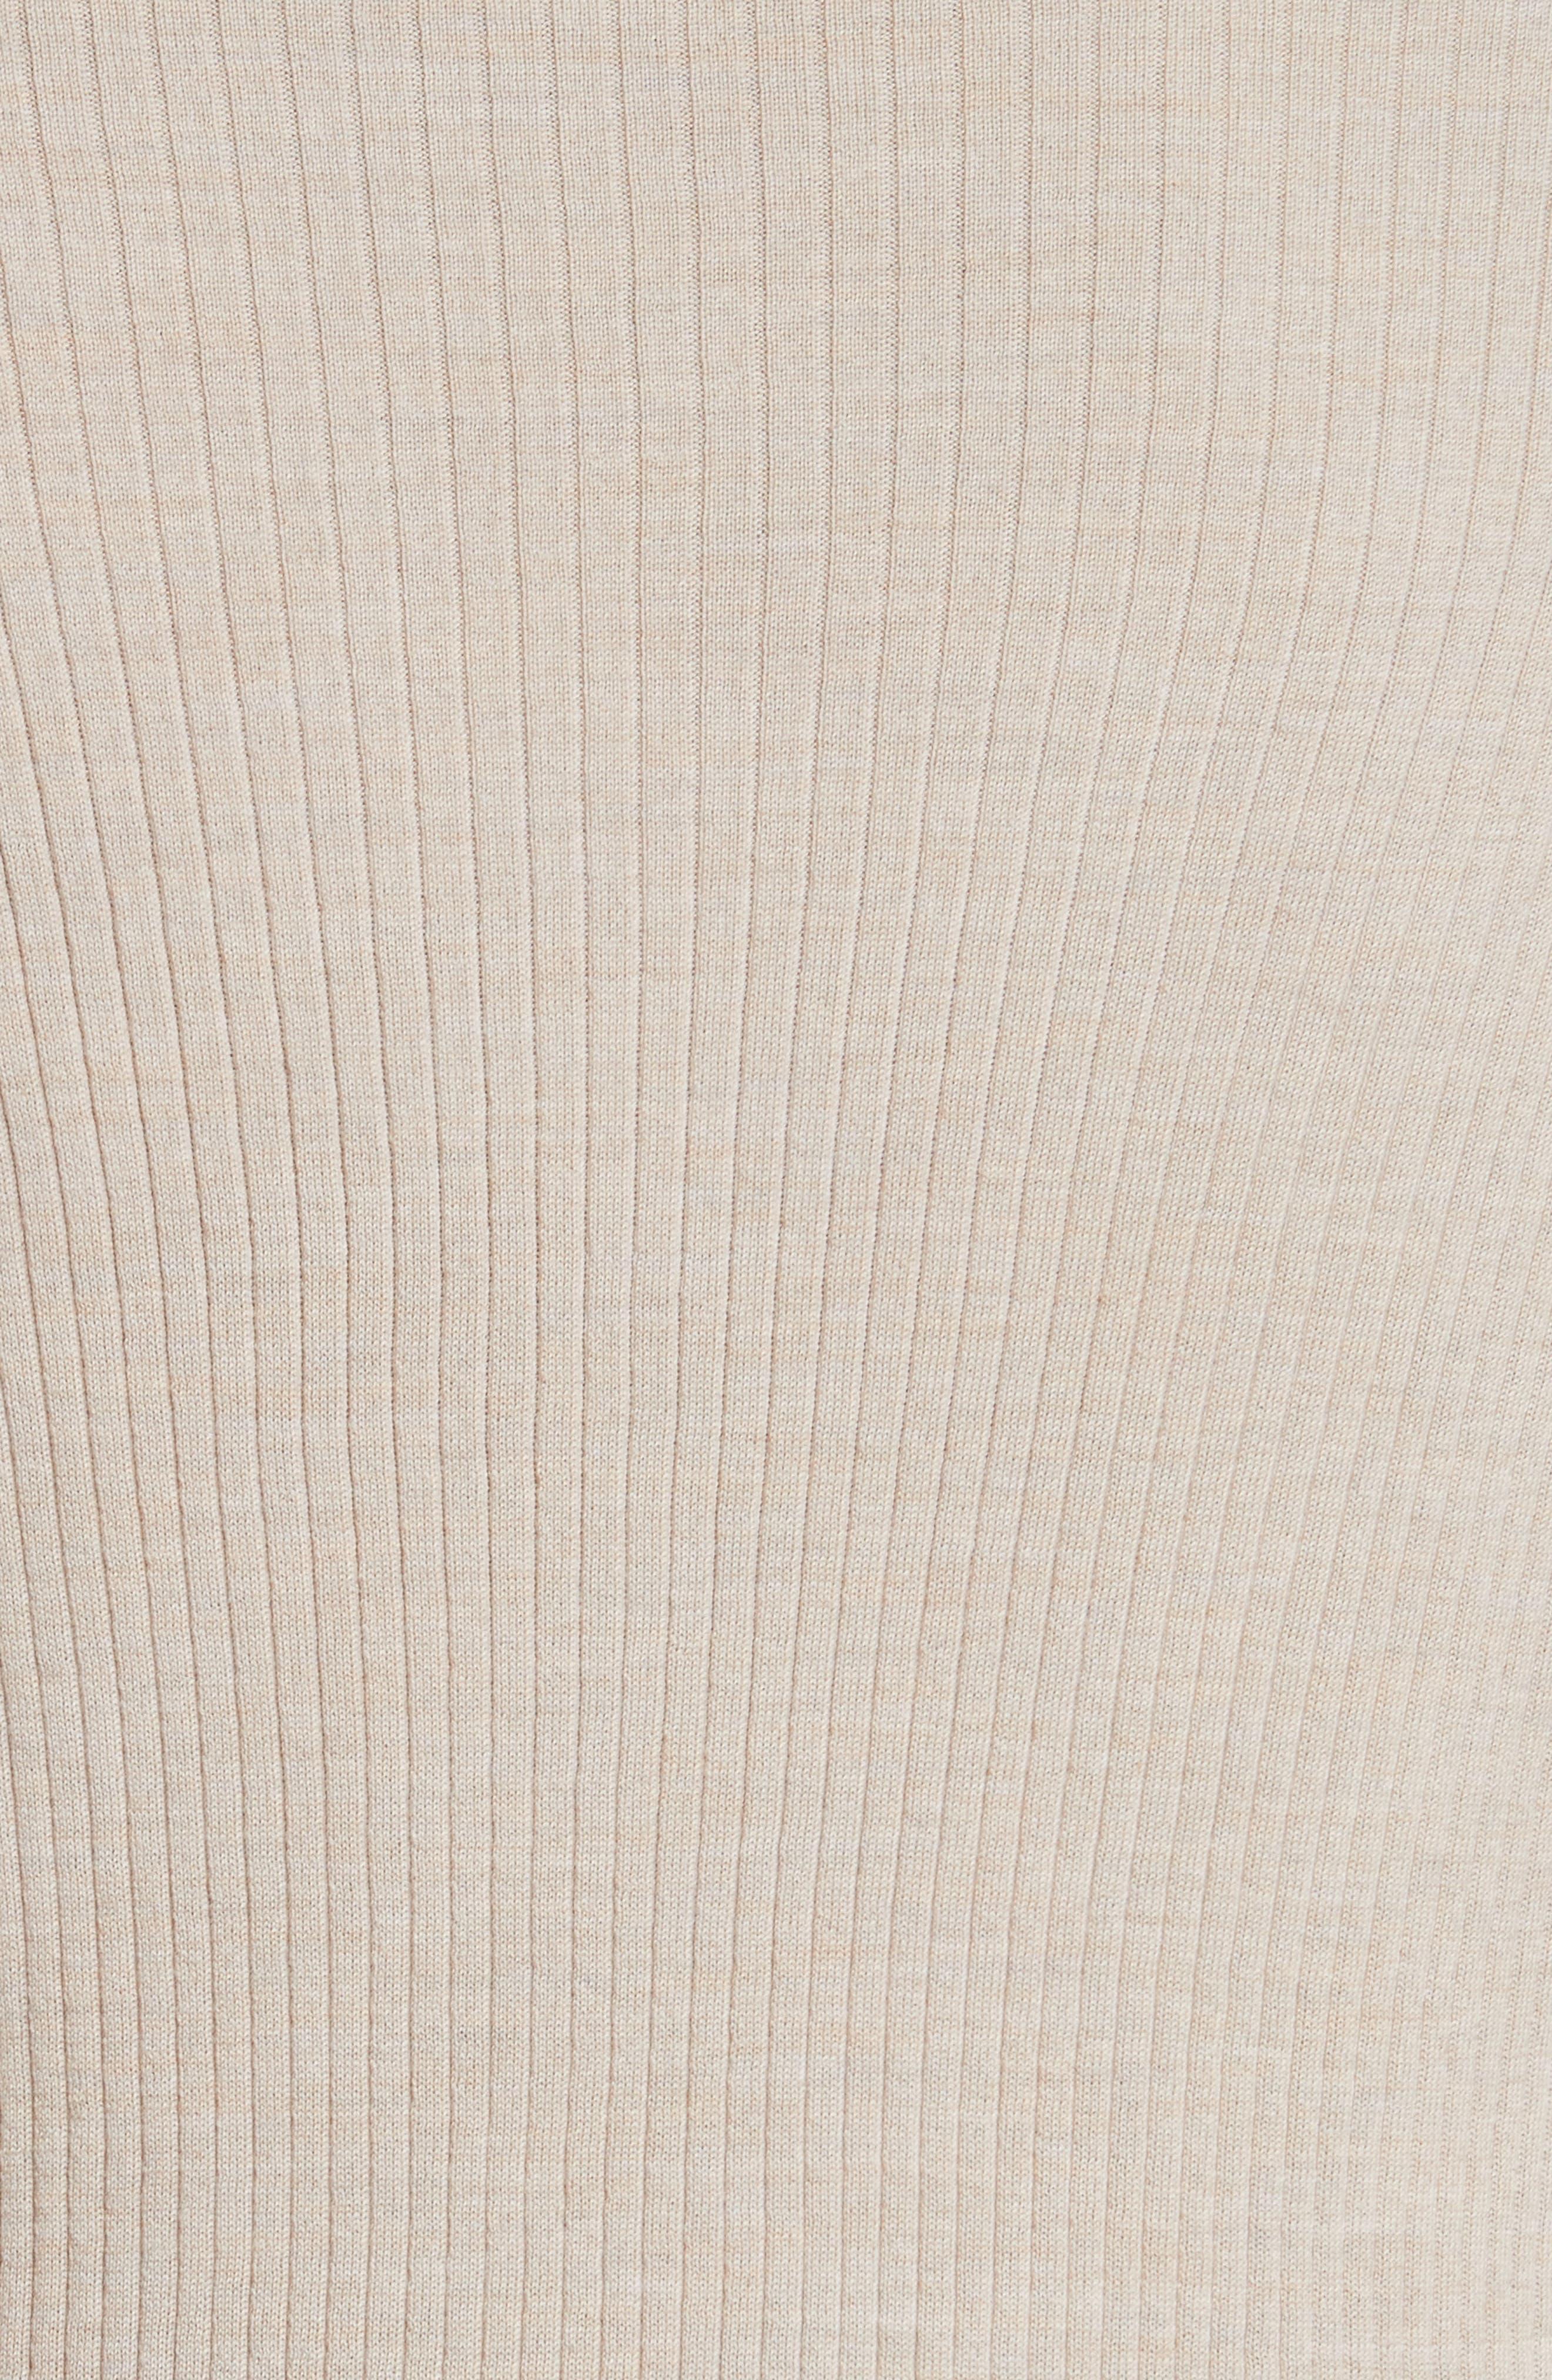 Metallic Wool Modern Ribbed Cardigan,                             Alternate thumbnail 5, color,                             264